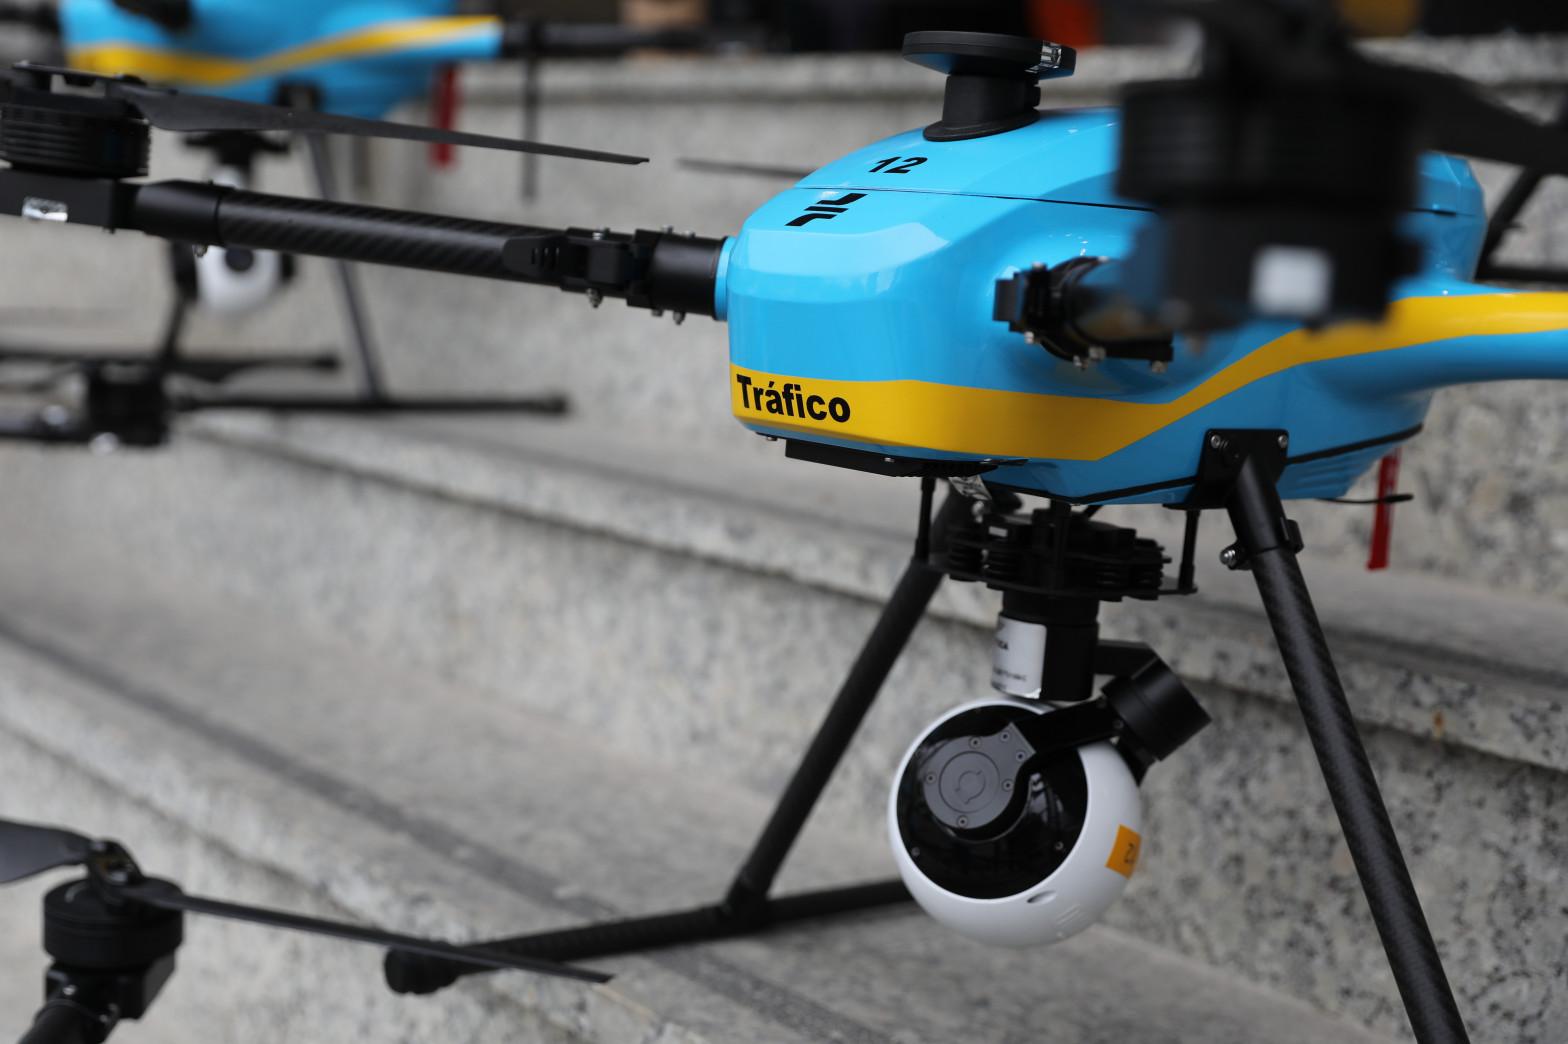 39 drones deplegados por la Península para controlar el tráfico en verano.